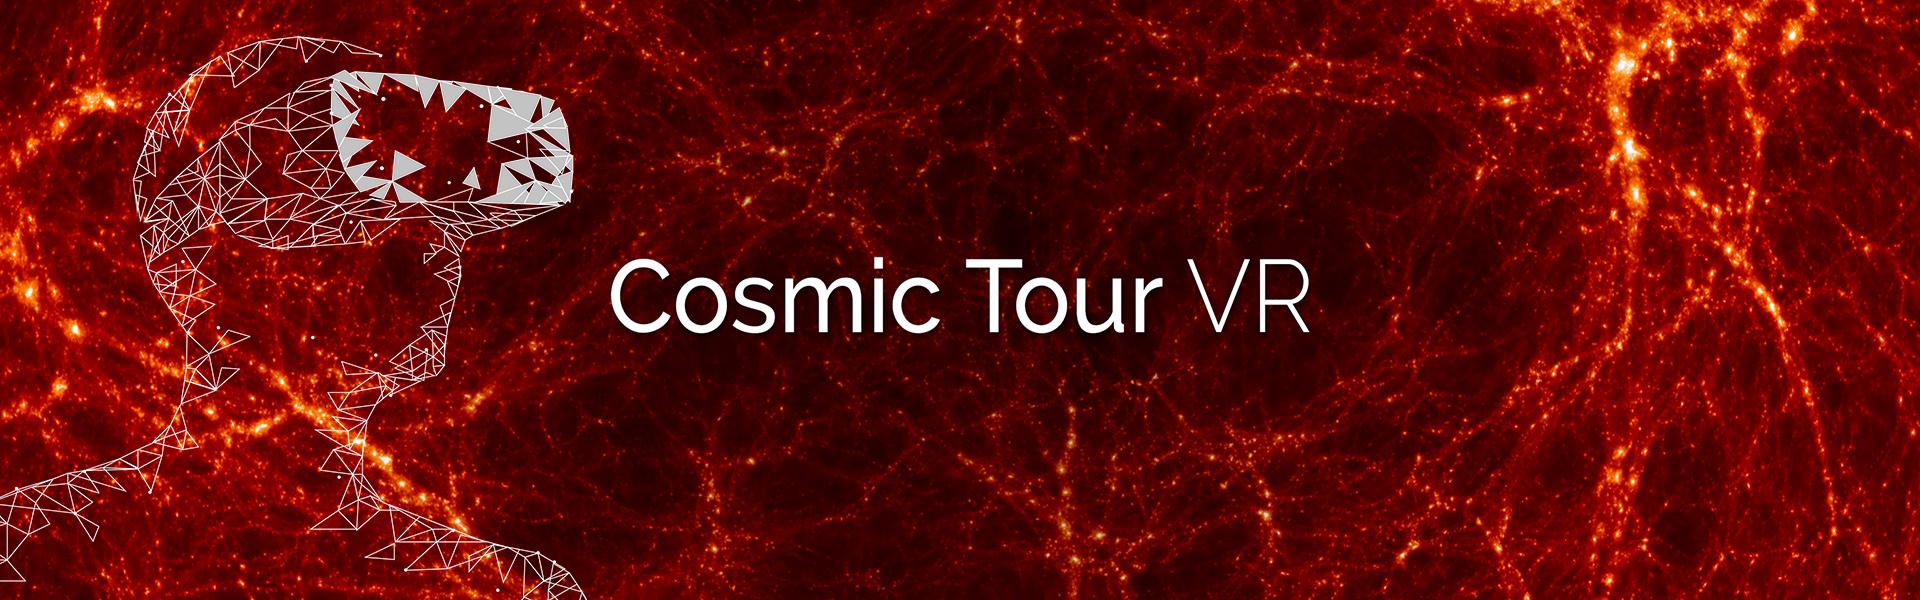 bandeau pour notre production Cosmic Tour VR